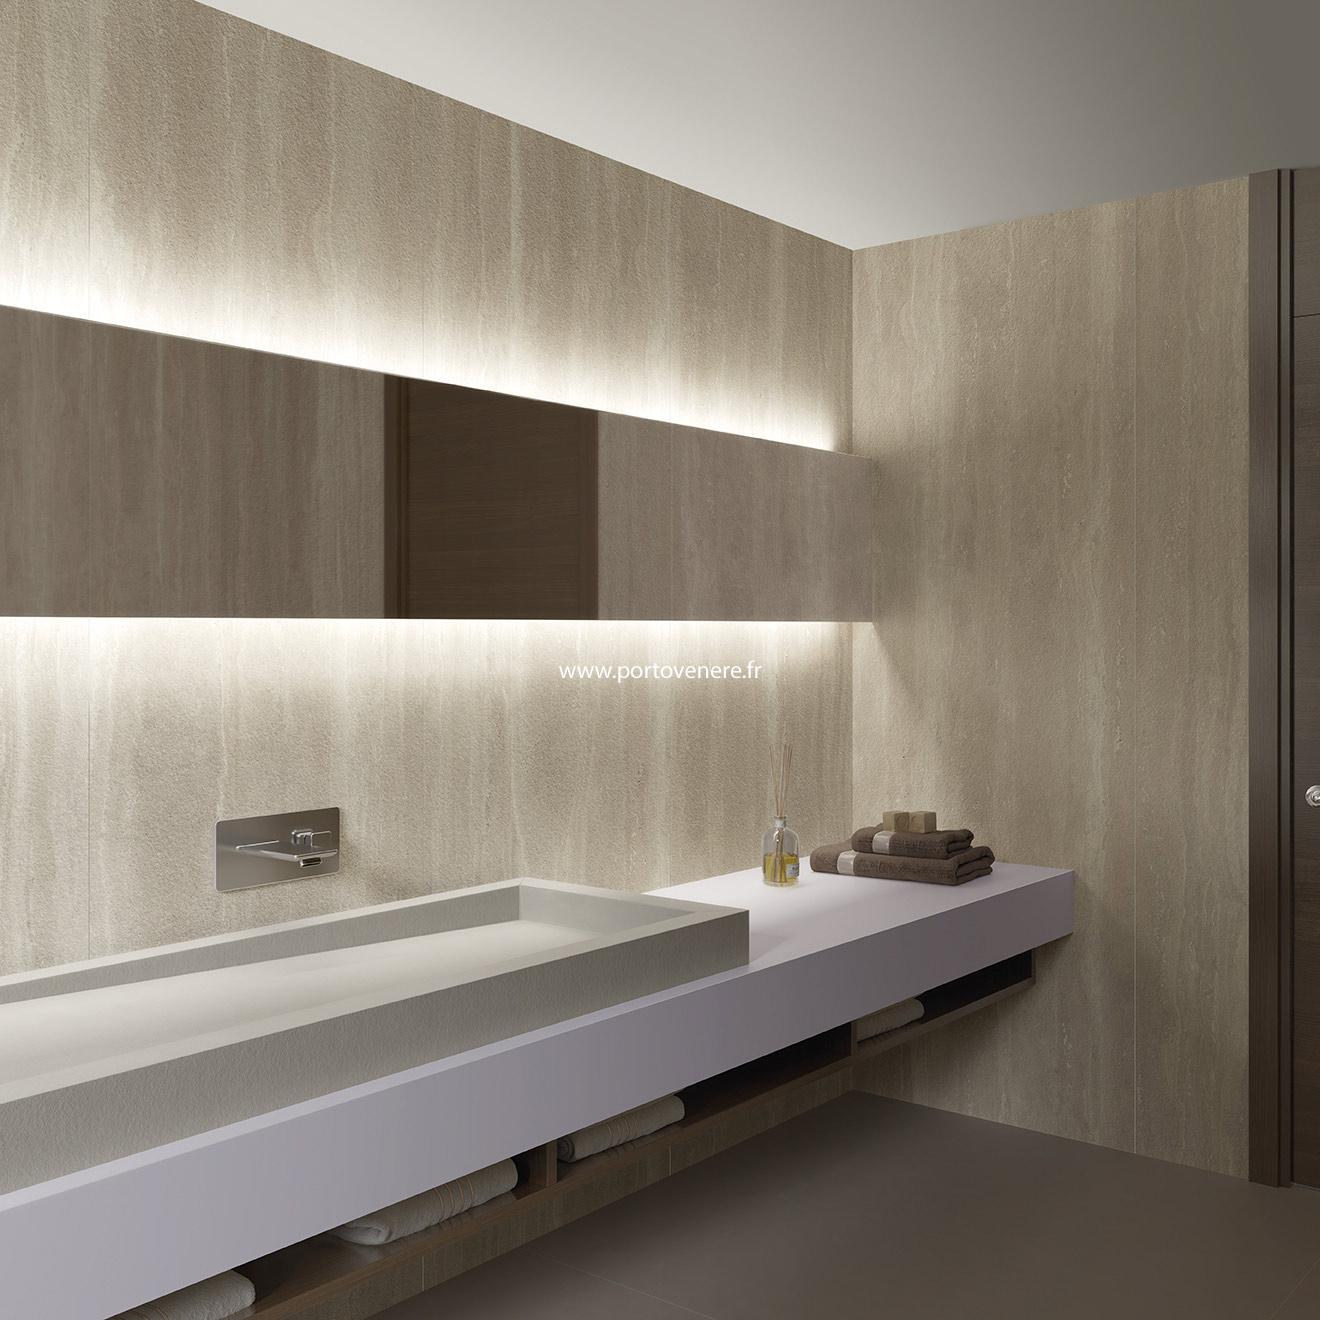 carrelage de luxe pour sols et murs en